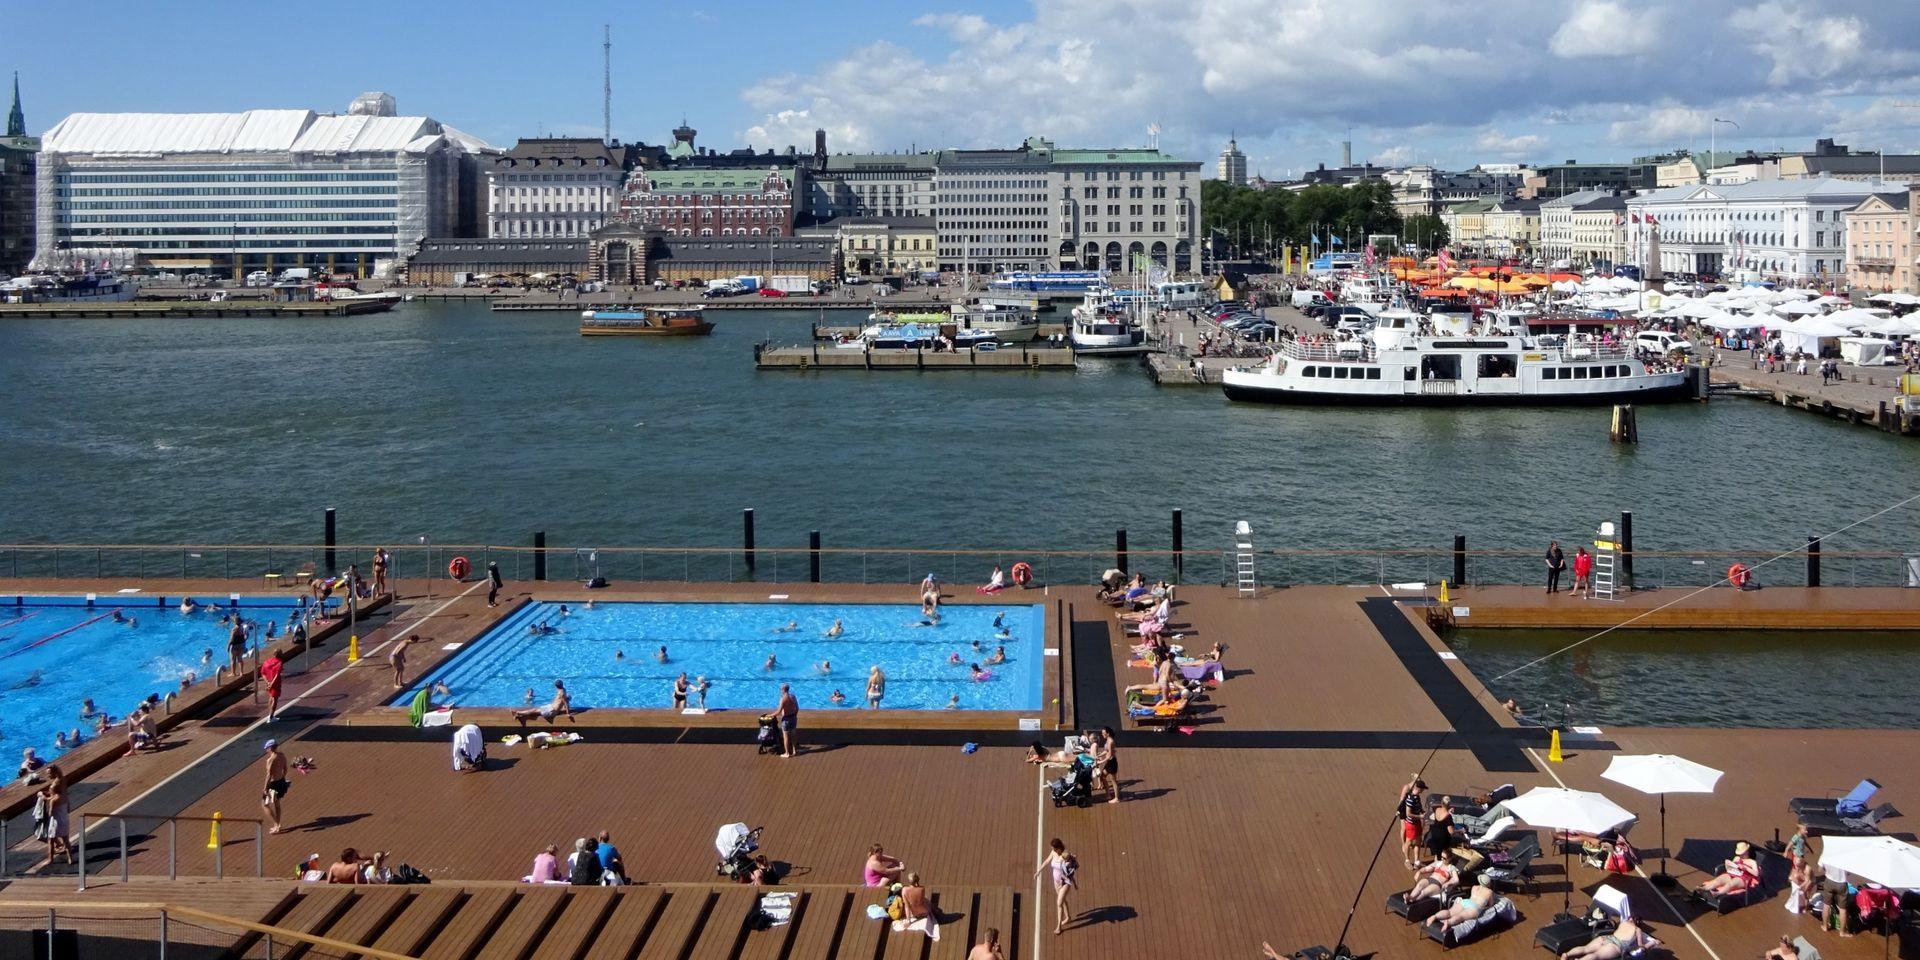 Une Piscine À L'extérieur Comme À Helsinki Pour Remplacer ... serapportantà Piscine De Mouscron